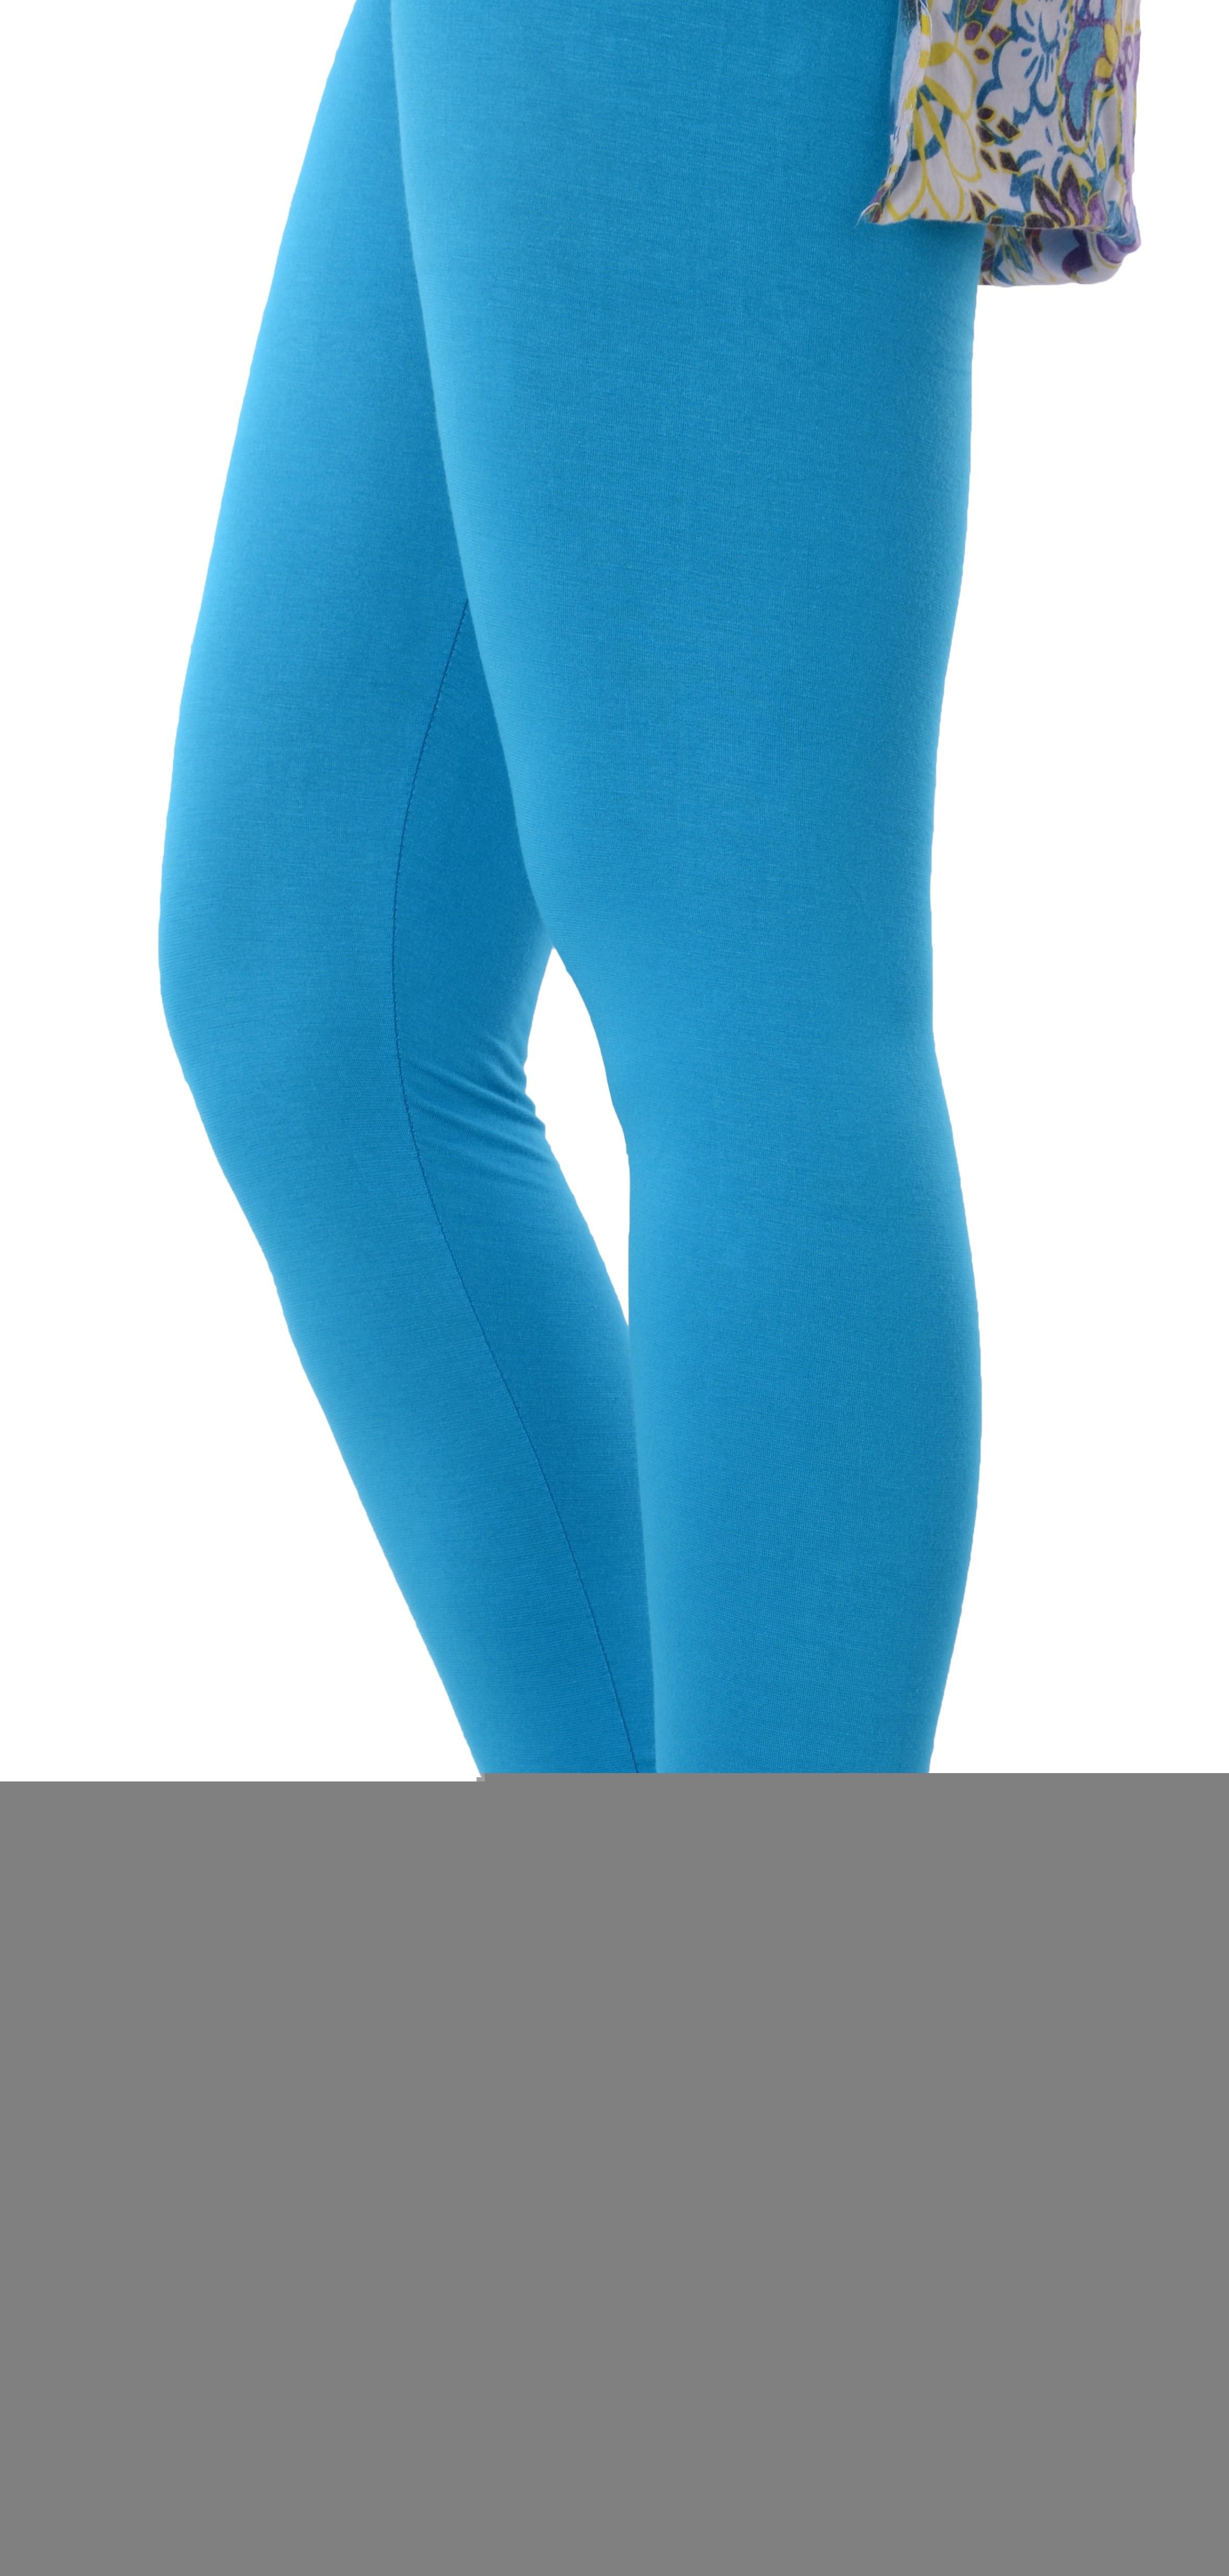 Grafion Womens Blue Leggings